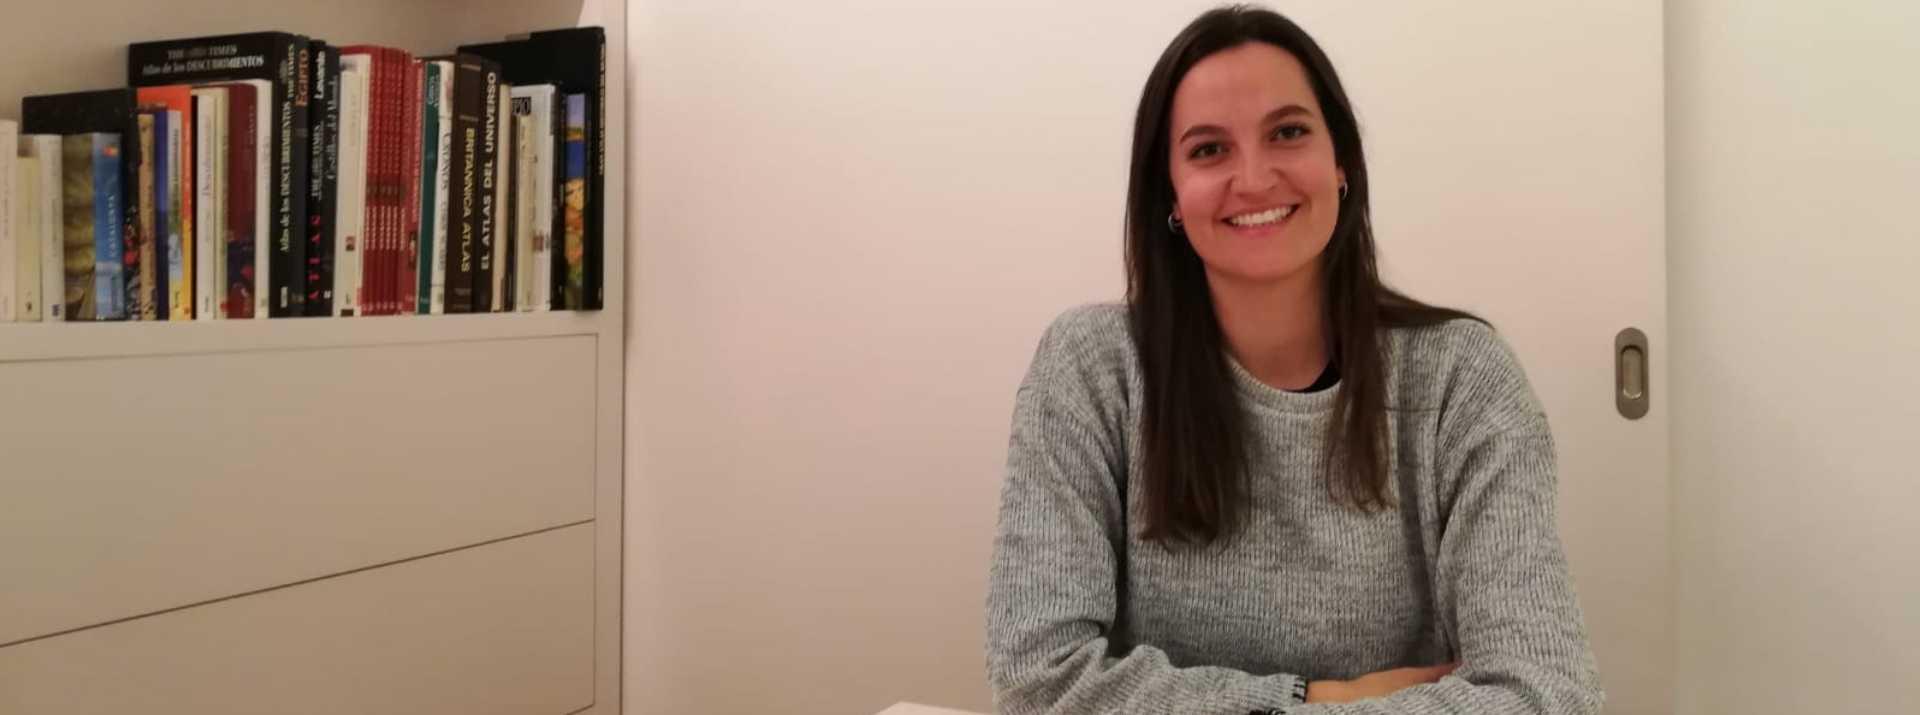 Orientación profesional: «Toda persona destaca, al menos, en una habilidad»_Centro de psicólogos Impulsa de Barcelona